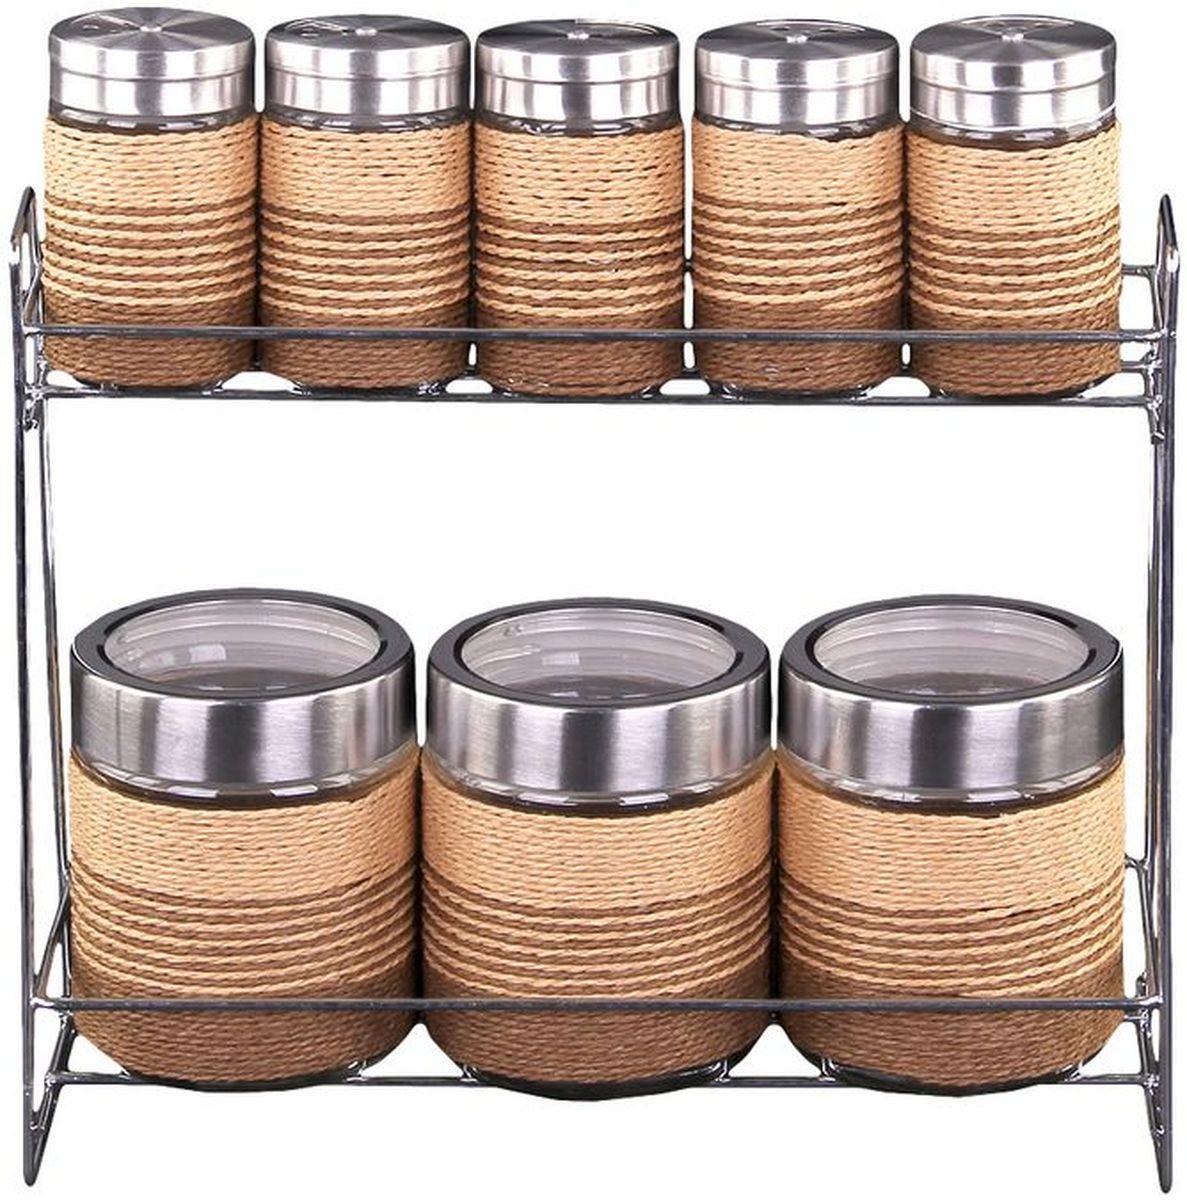 Набор банок для сыпучих продуктов и специй 8 предметов на металлической подставке, шт, PATRICIAIM99-3910